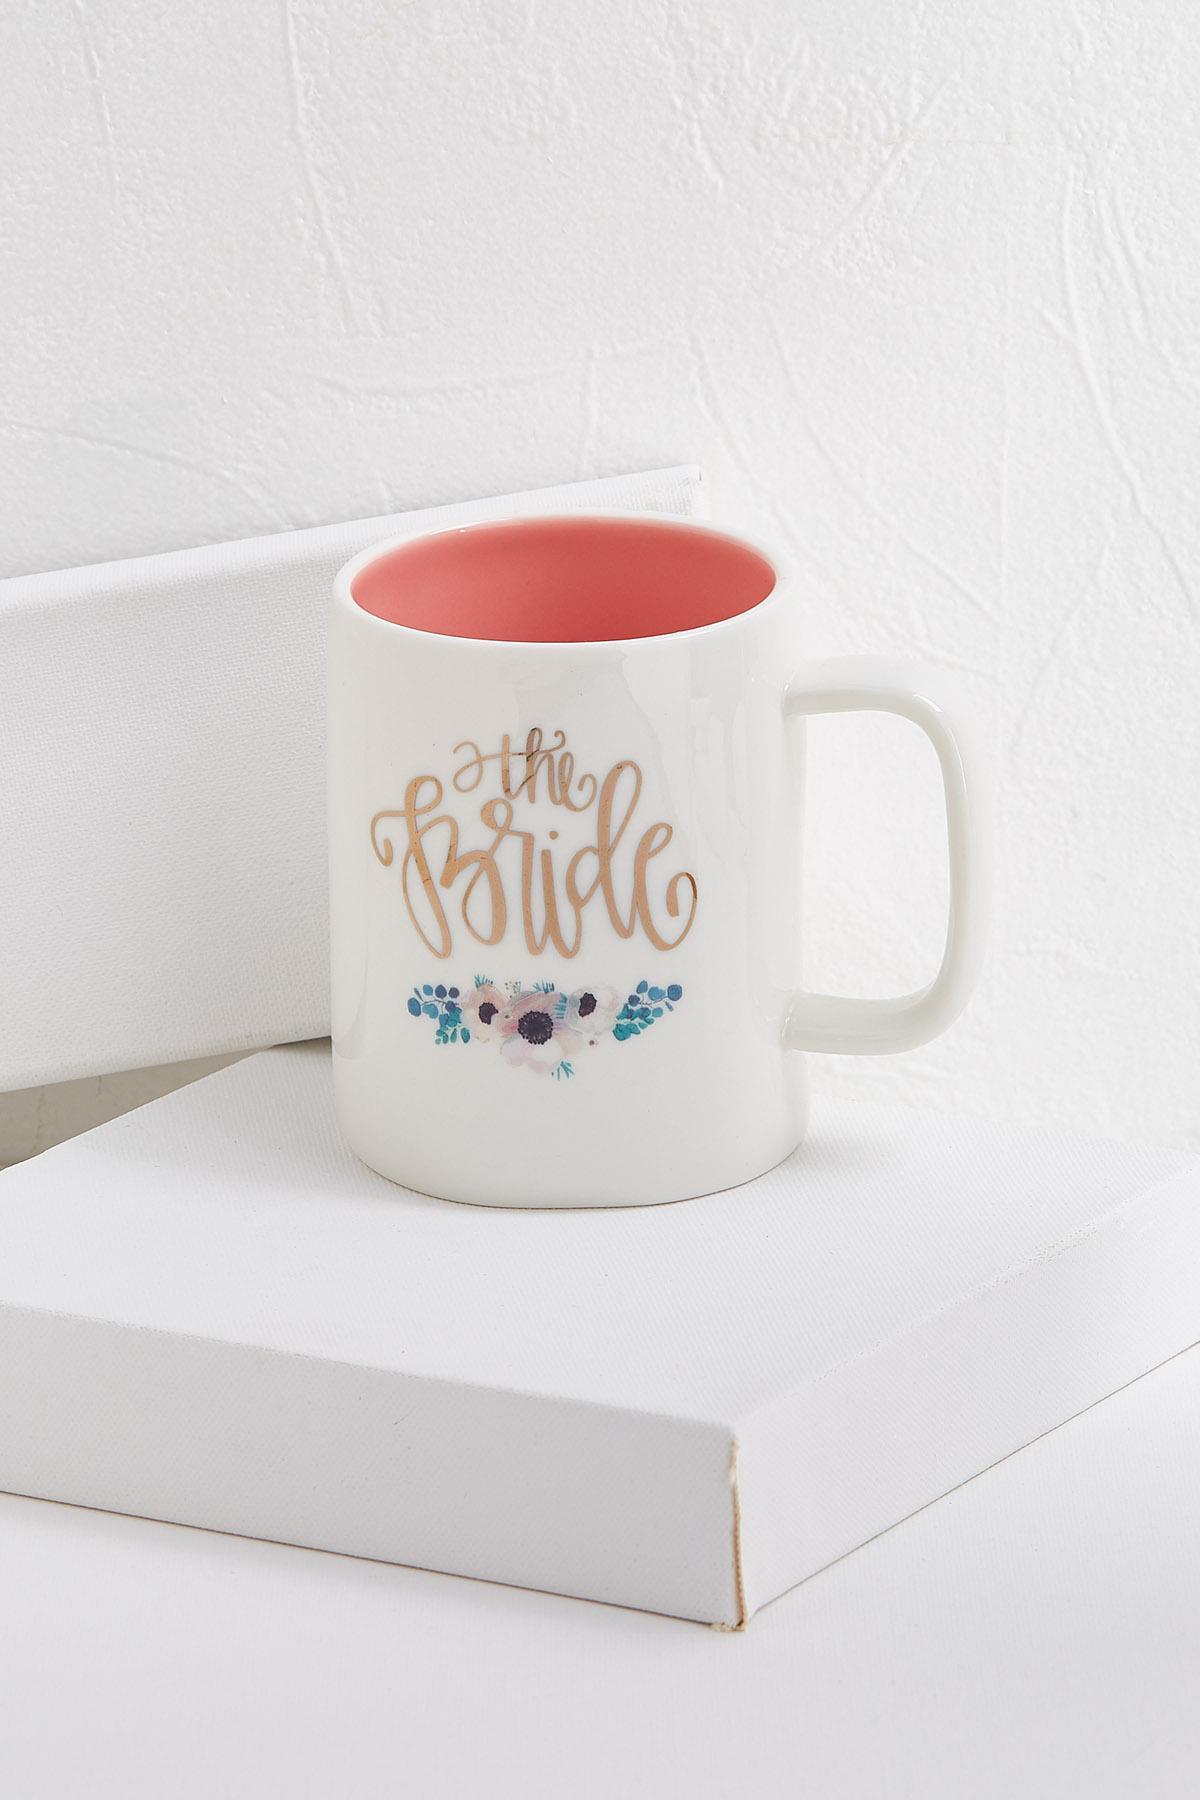 The Bride Ceramic Mug